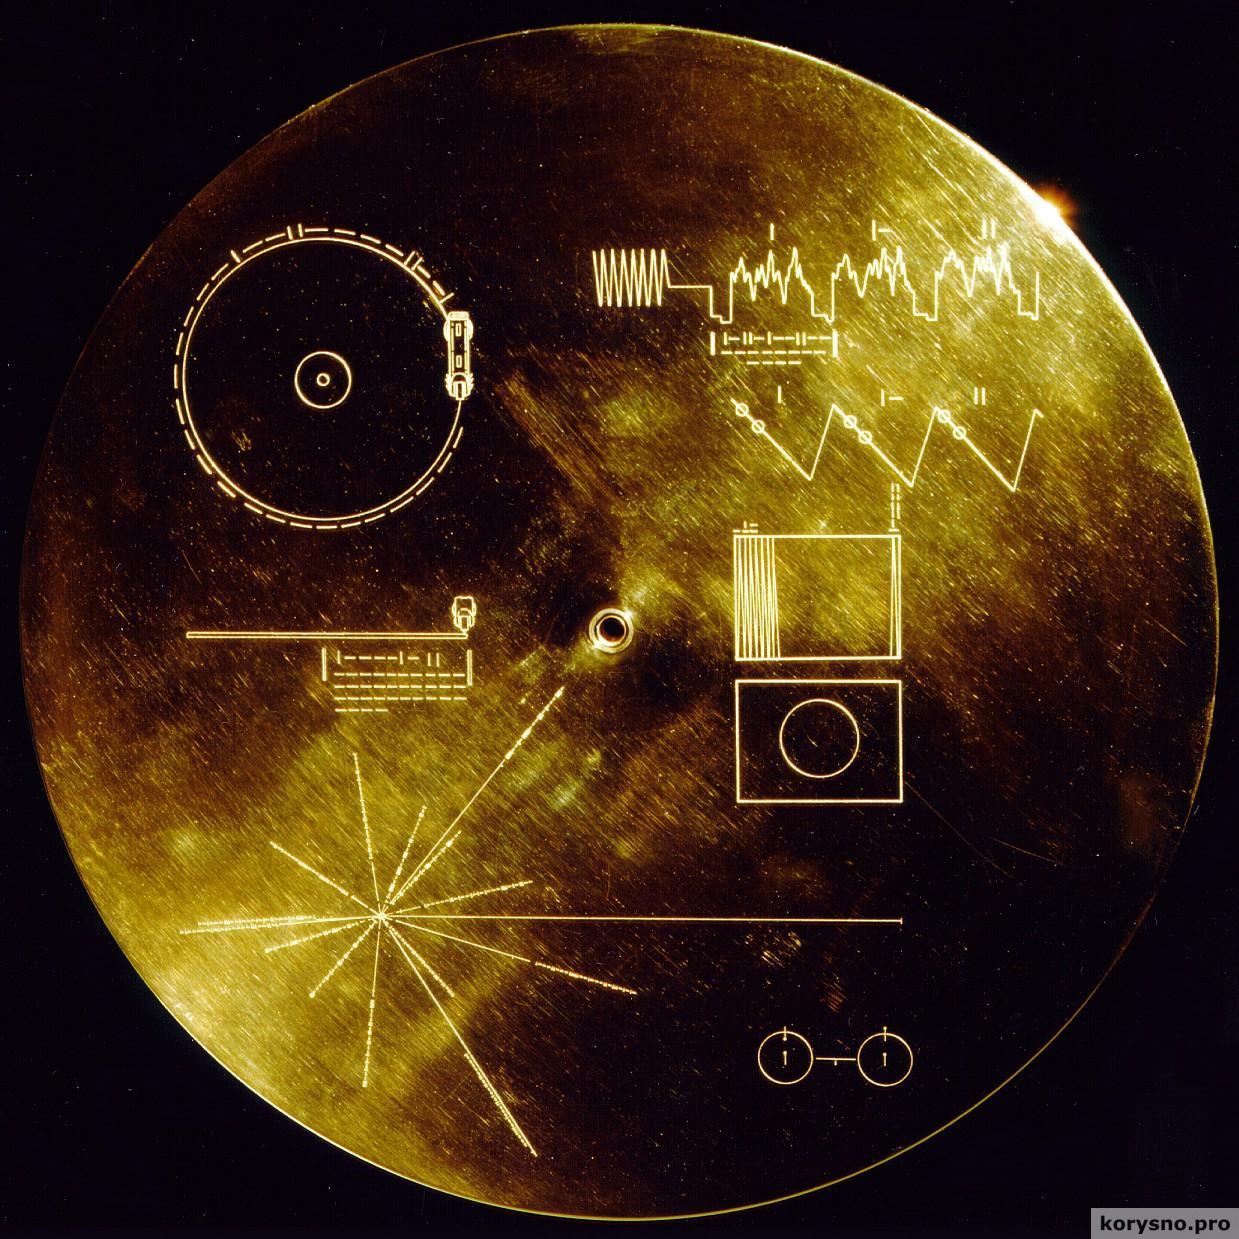 116 изображений, которые отобрало НАСА, чтобы показать инопланетянам (или человечеству в будущем)